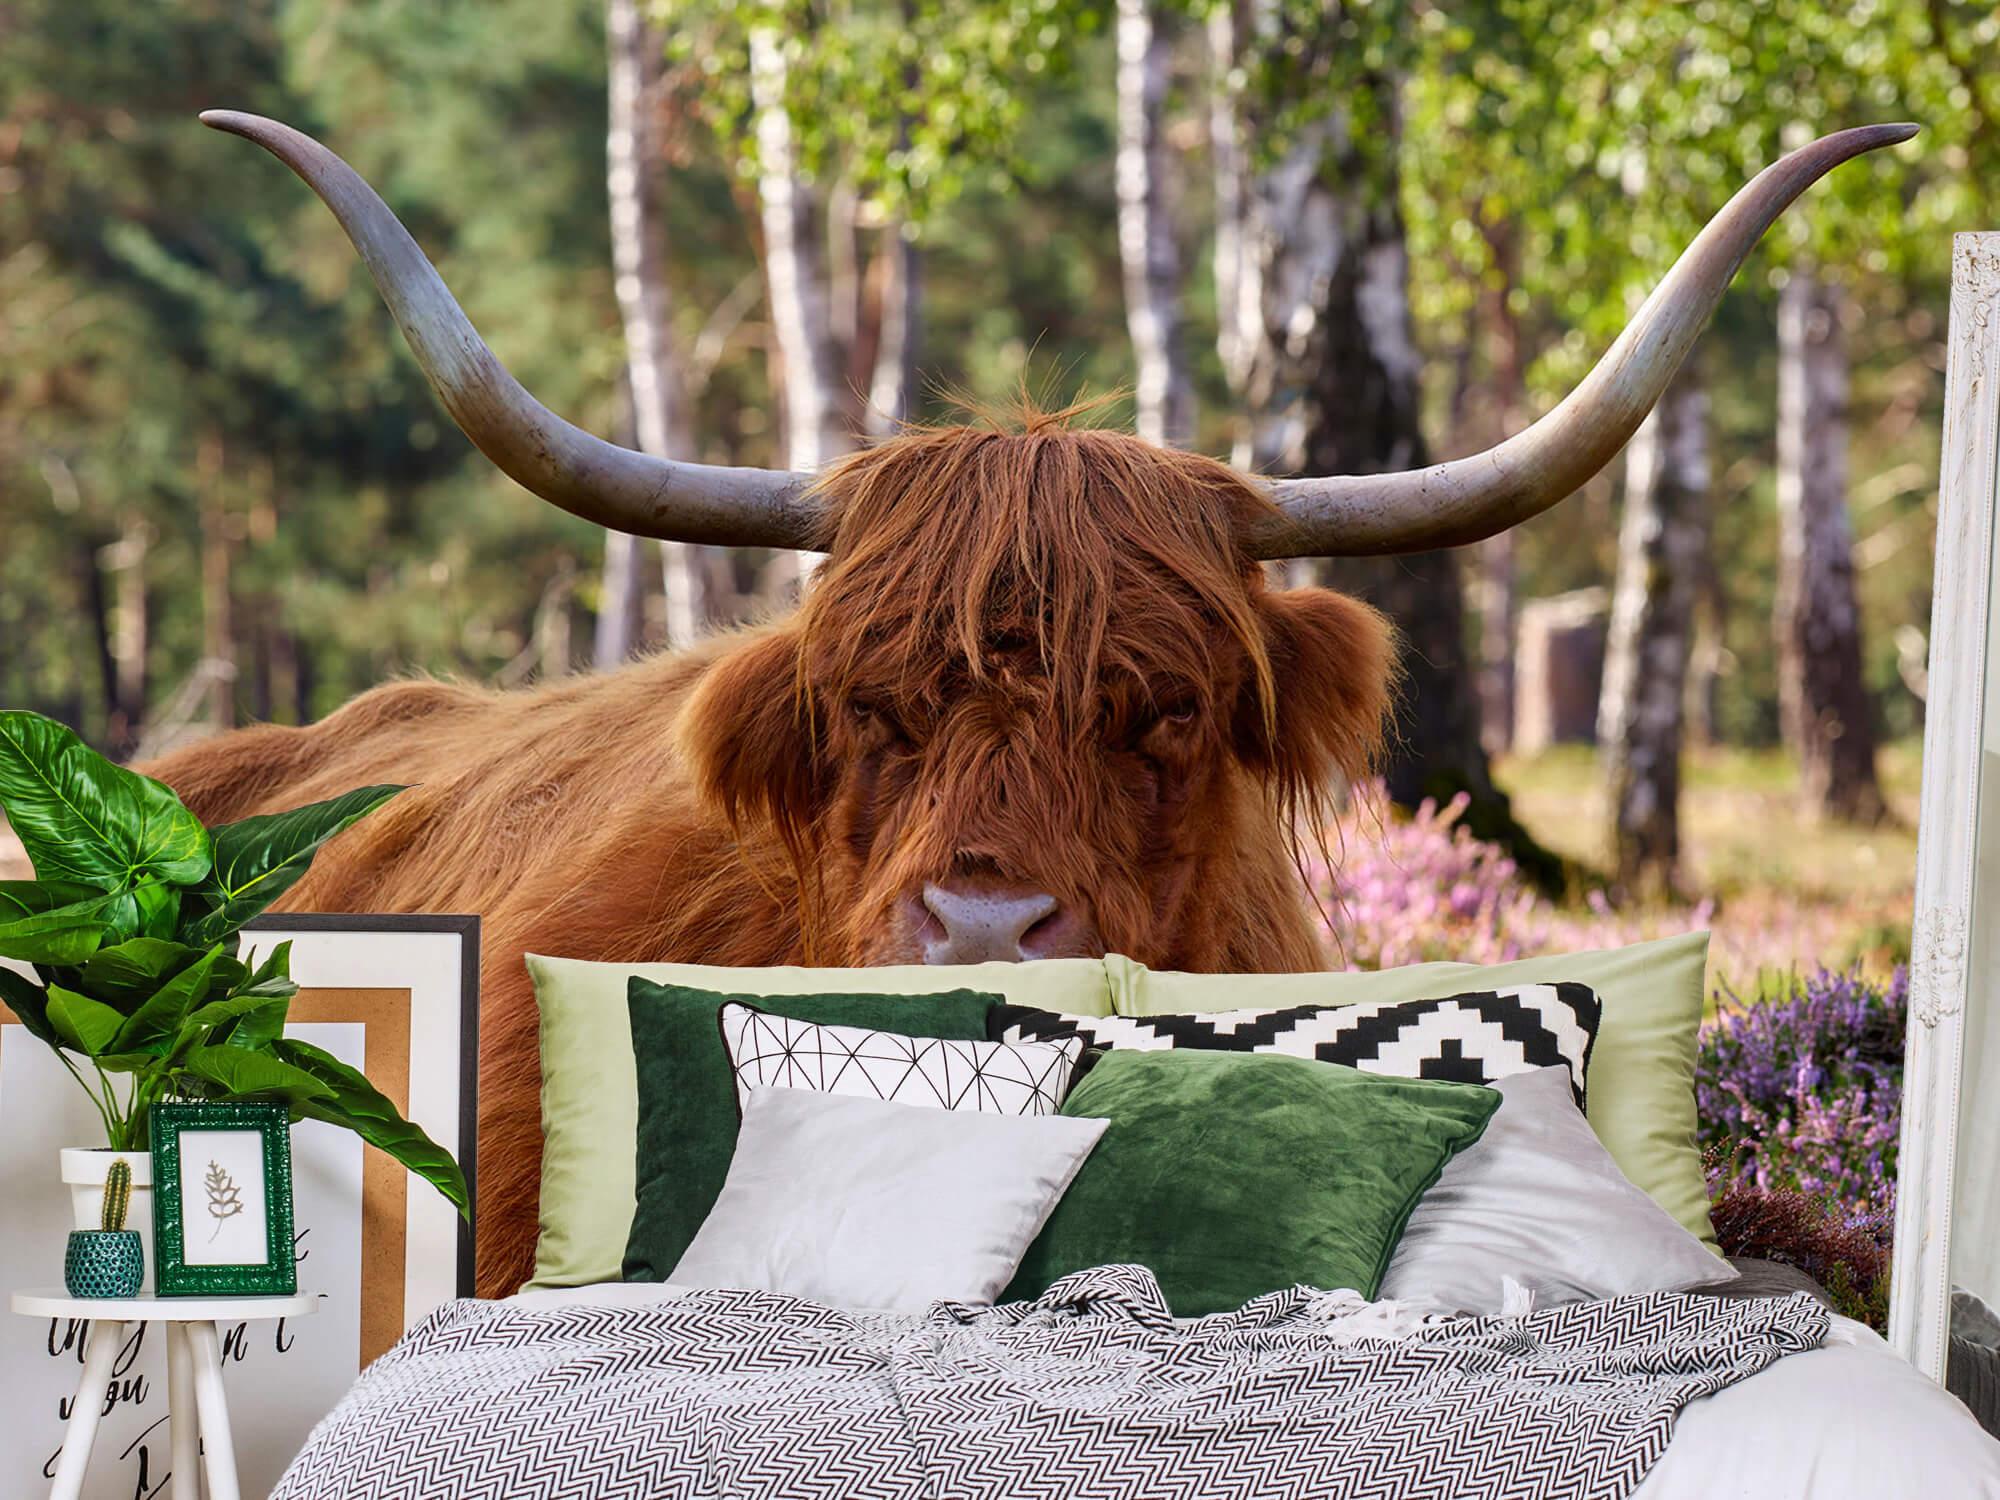 Hooglanders - Liggende Schotse hooglander 12